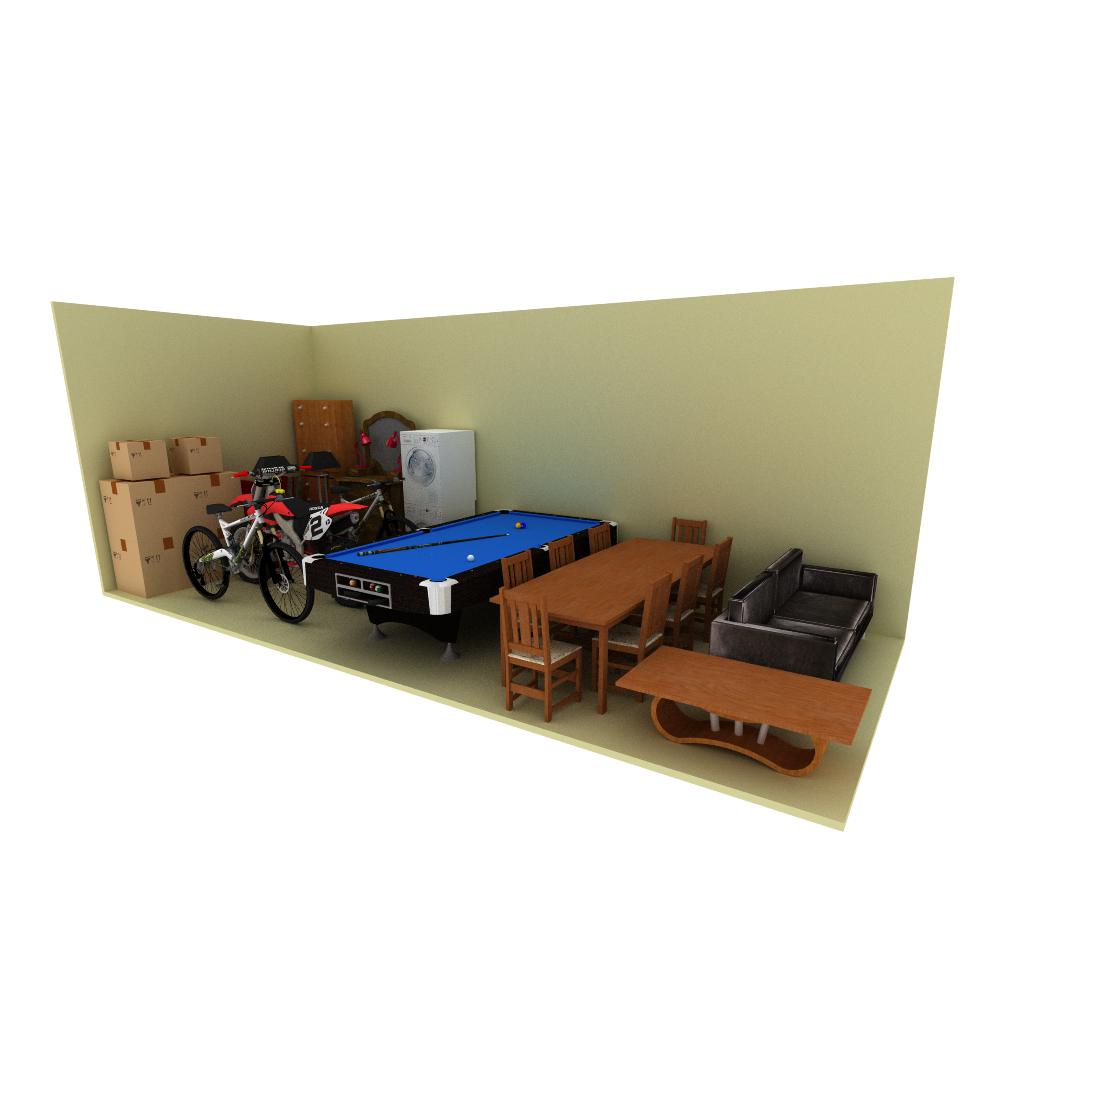 10 x 25 storage unit possible configuration